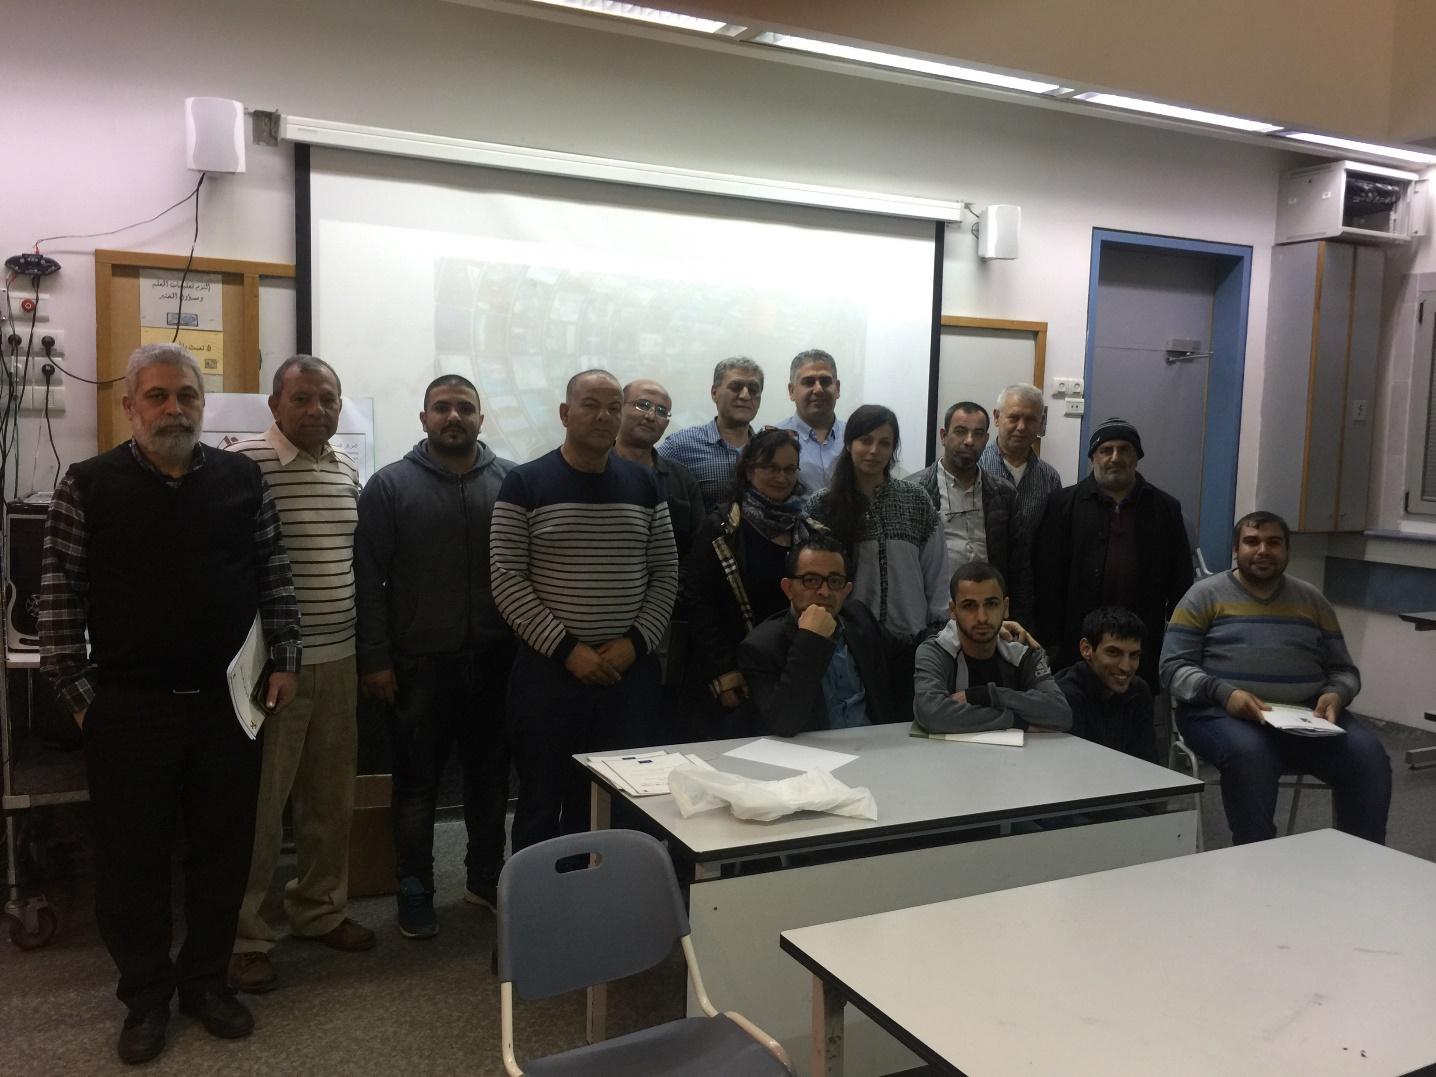 بالتعاون بين المركز العربي للتخطيط البديل ومركز مساواة واللجان الشعبية في الطيبة وقلنسوة